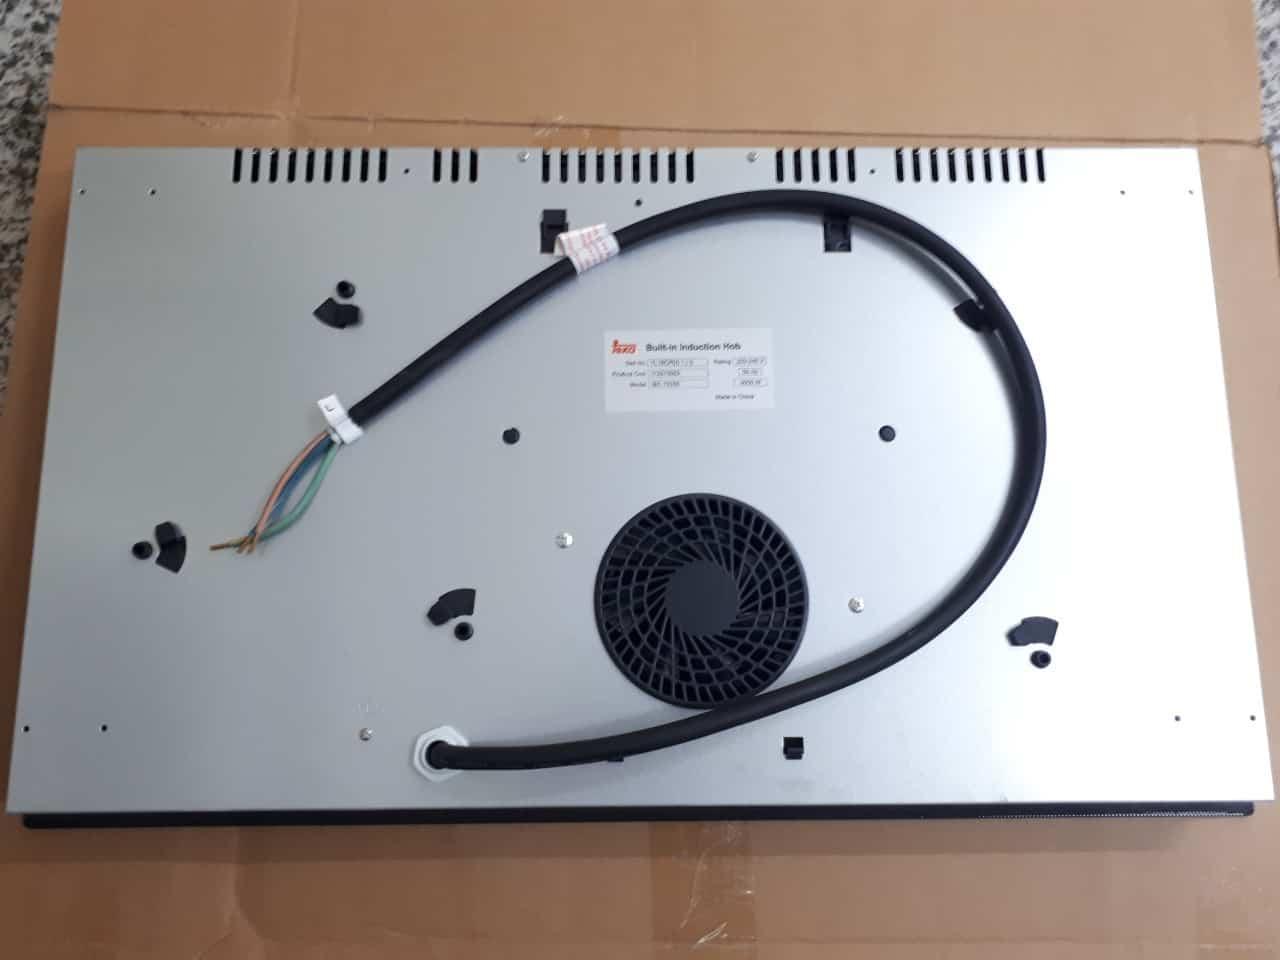 Bếp từ Teka IBC 72300 có hệ quạt tản nhiệt